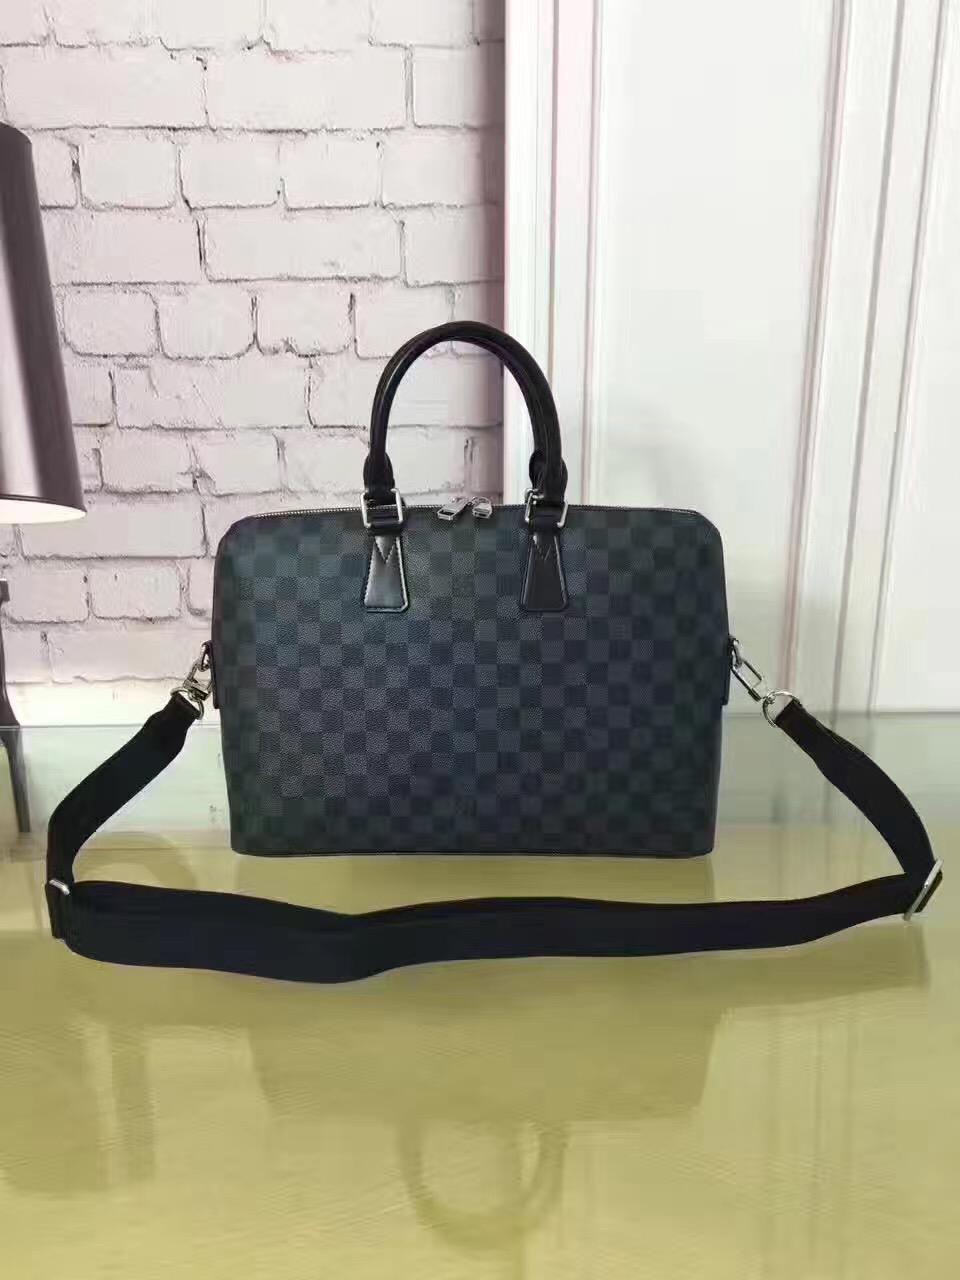 254a4eaf3d96 LV Louis Vuitton damier shoulder handbags  LV311  -  192.00   Luxury ...